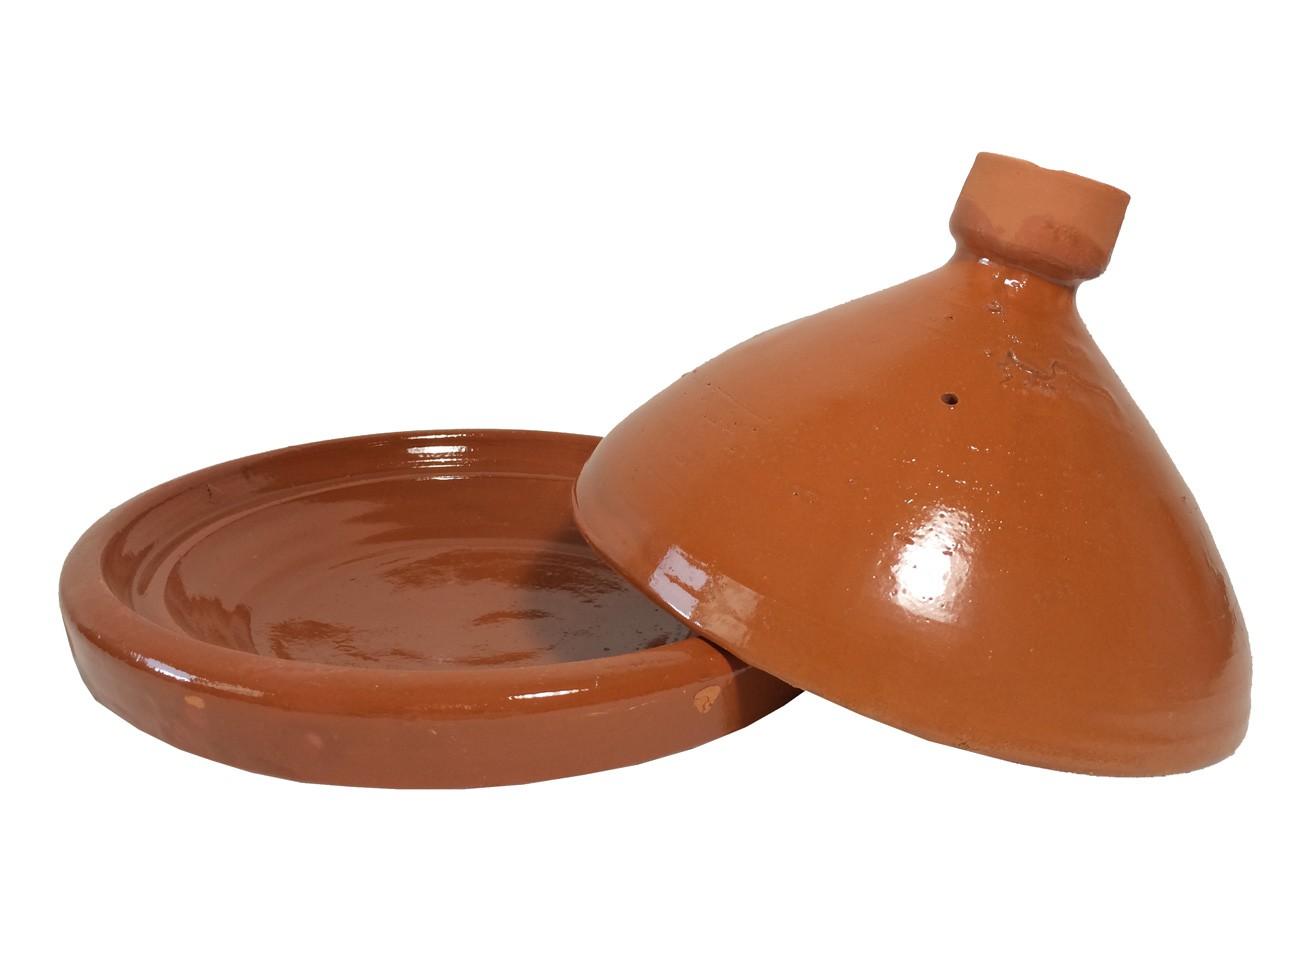 Plat tajine en terre cuite verniss 31 cm et son brasero sans armature - Plat a tajine en terre cuite ...